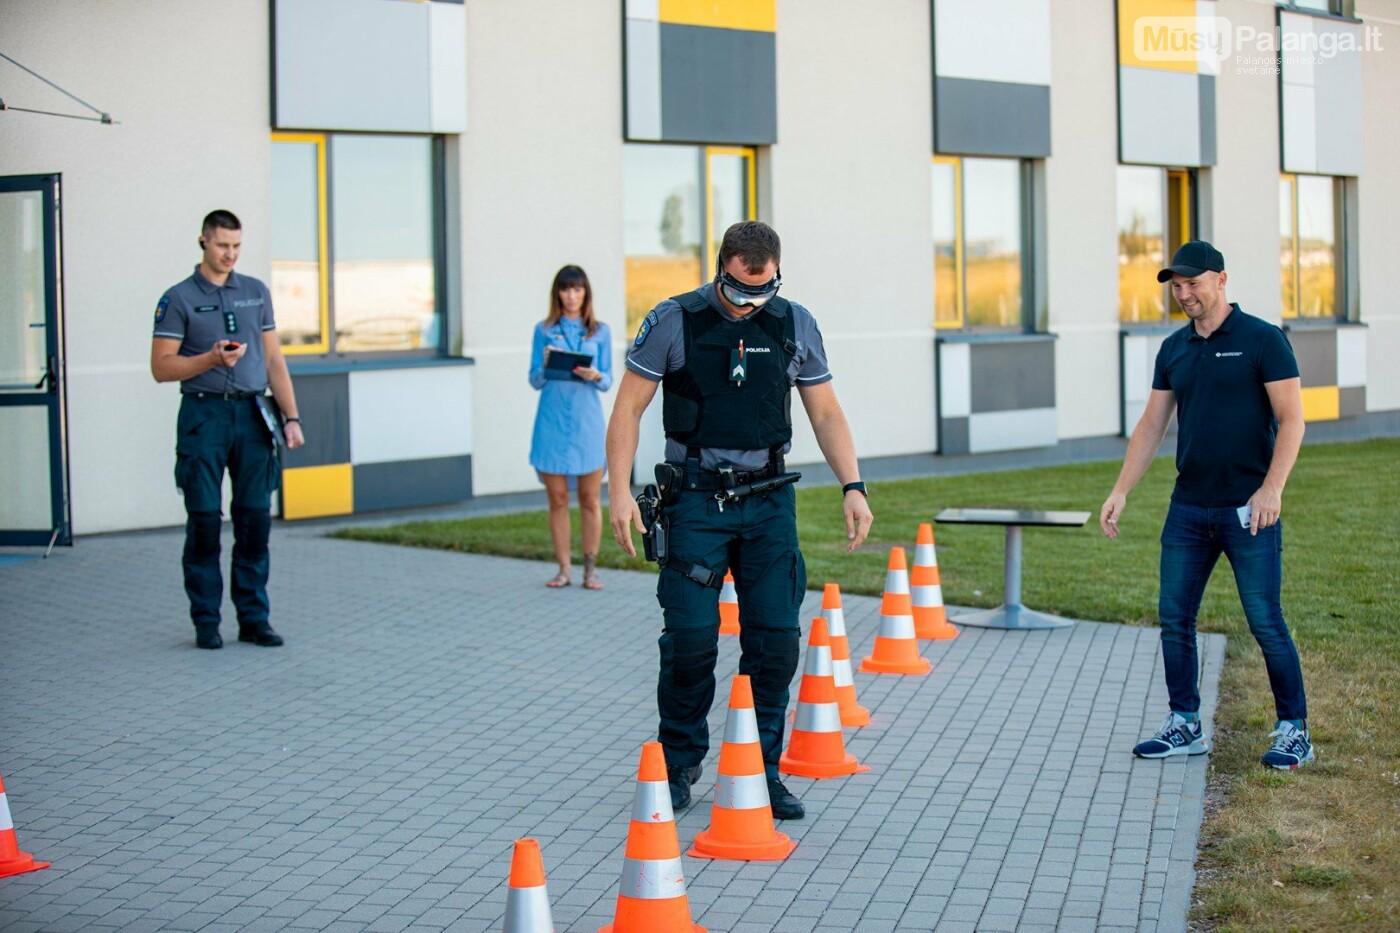 Išrinkta geriausia Klaipėdos apskrities policijos pareigūnų komanda, nuotrauka-1